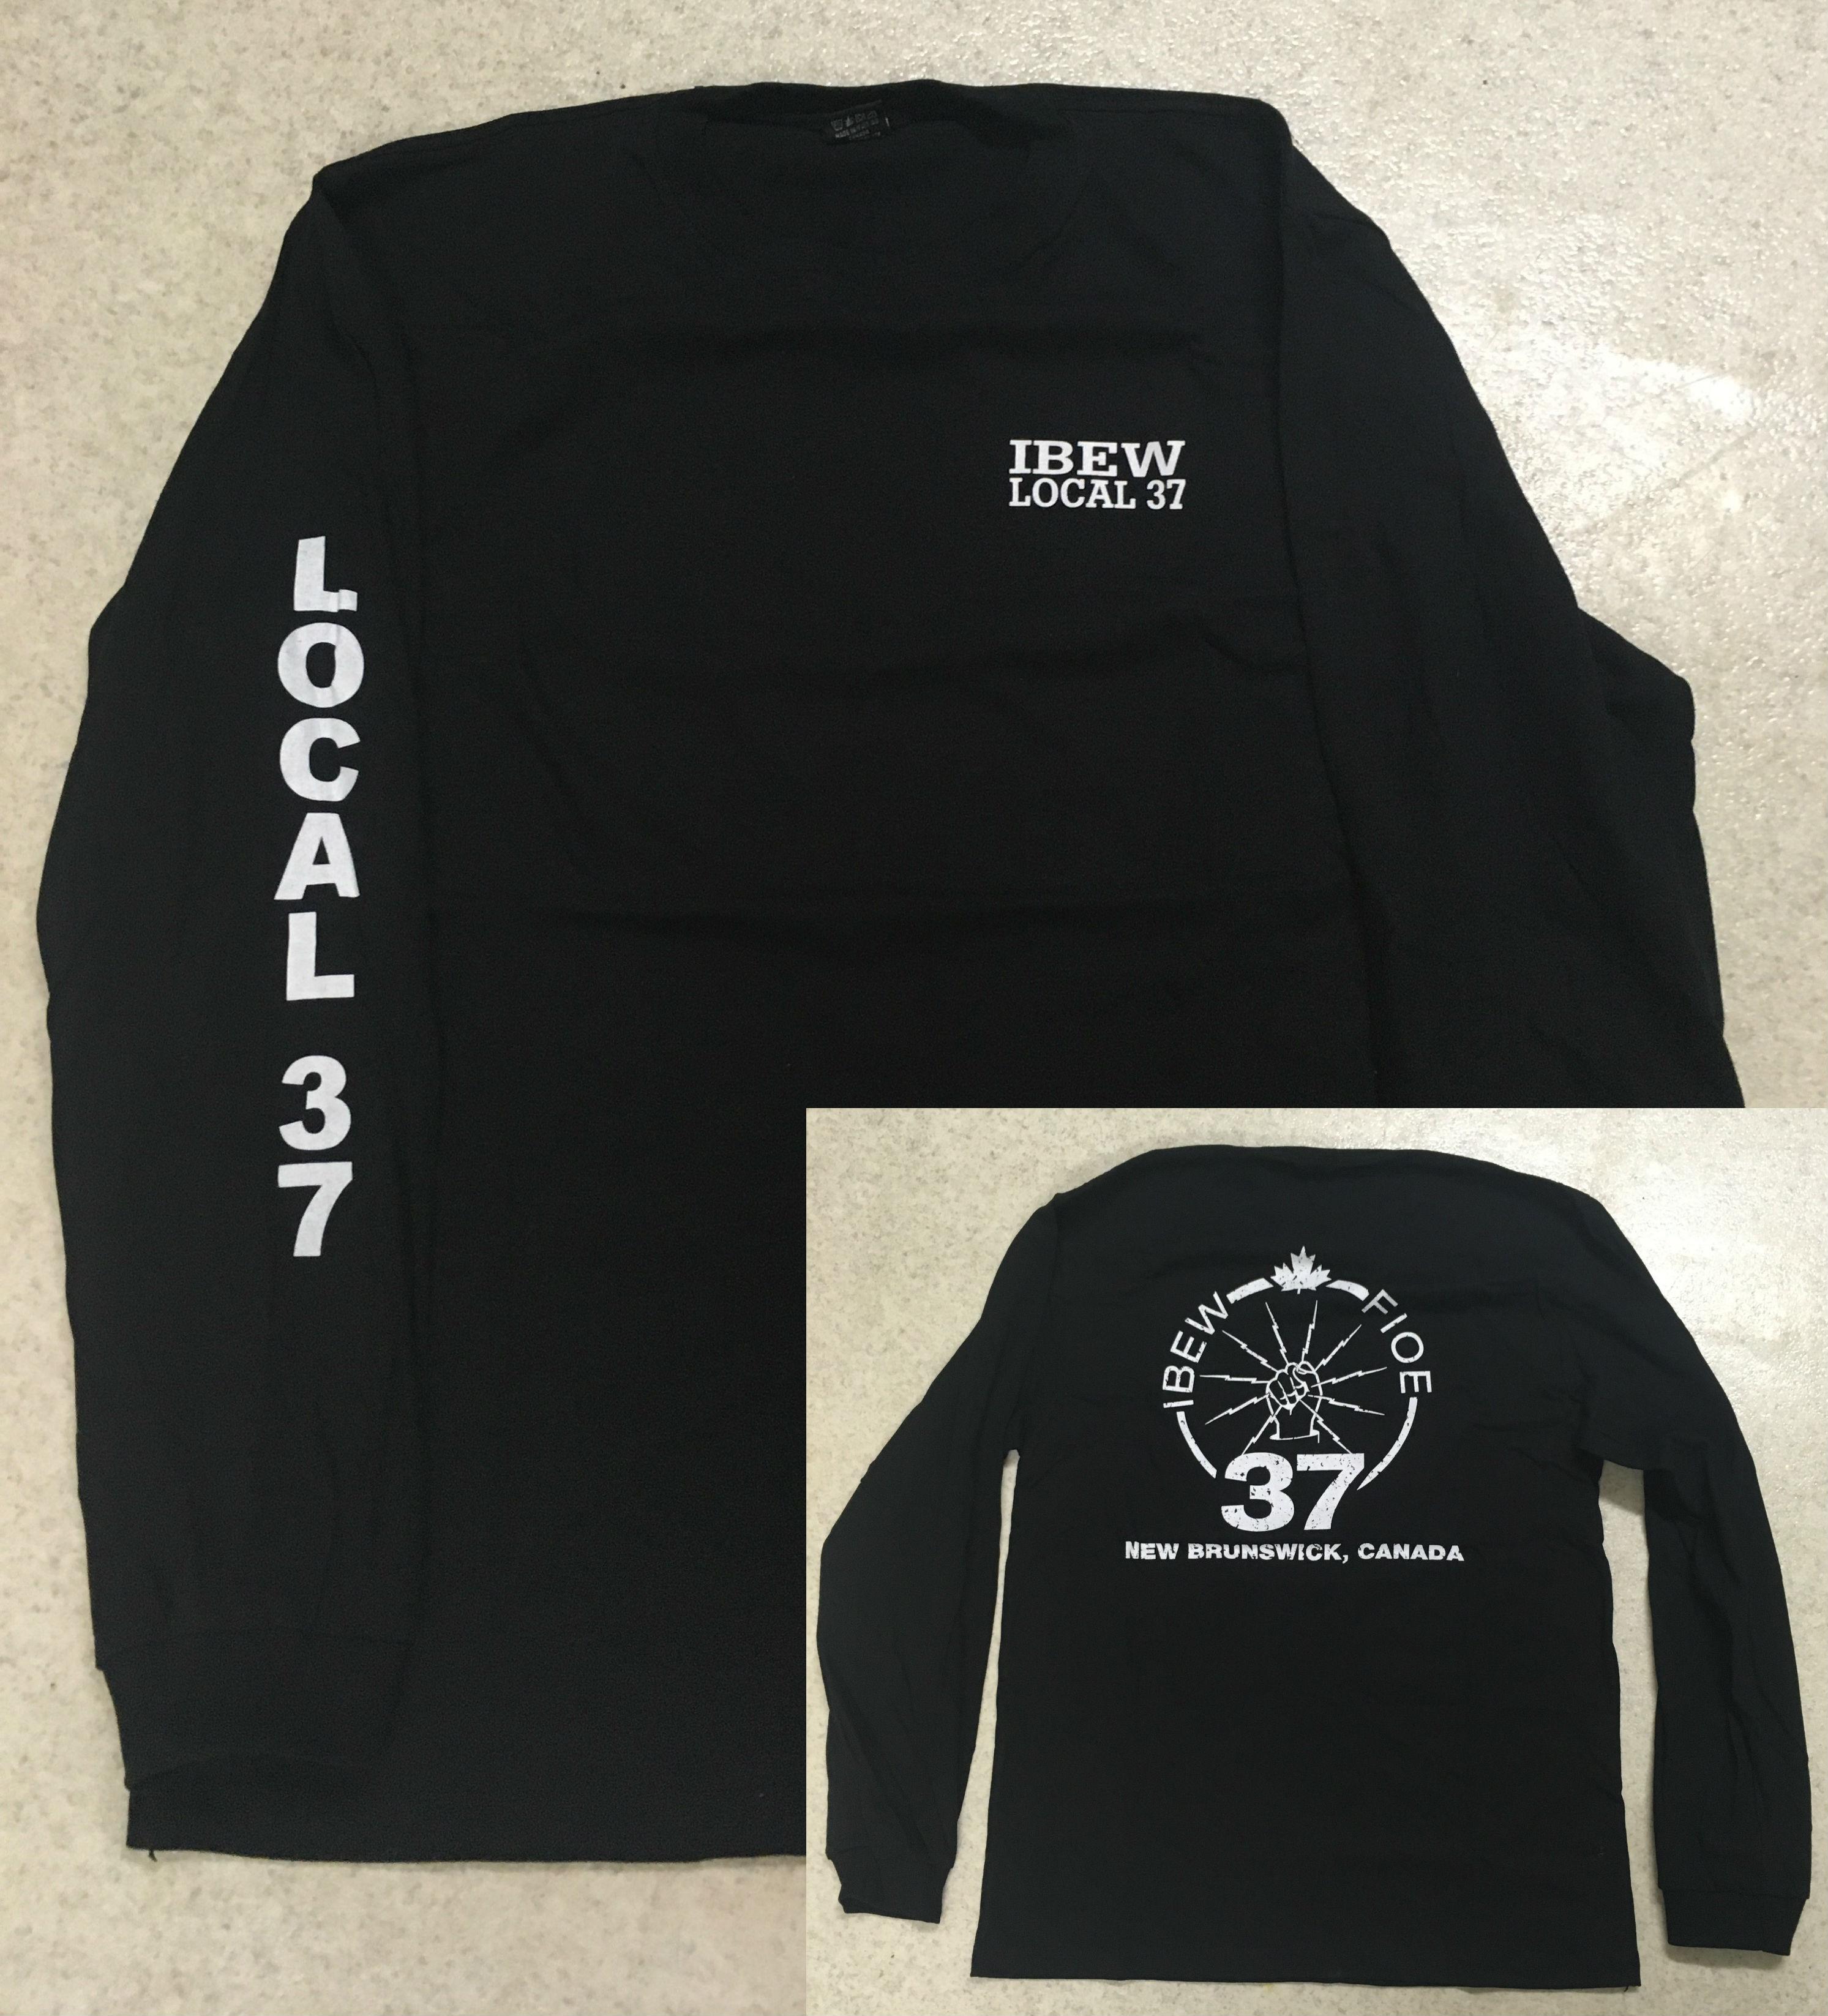 2cd876e01 Brown Dress Shirt. Beige Dress Shirt. Grey IBEW Logo T-Shirt